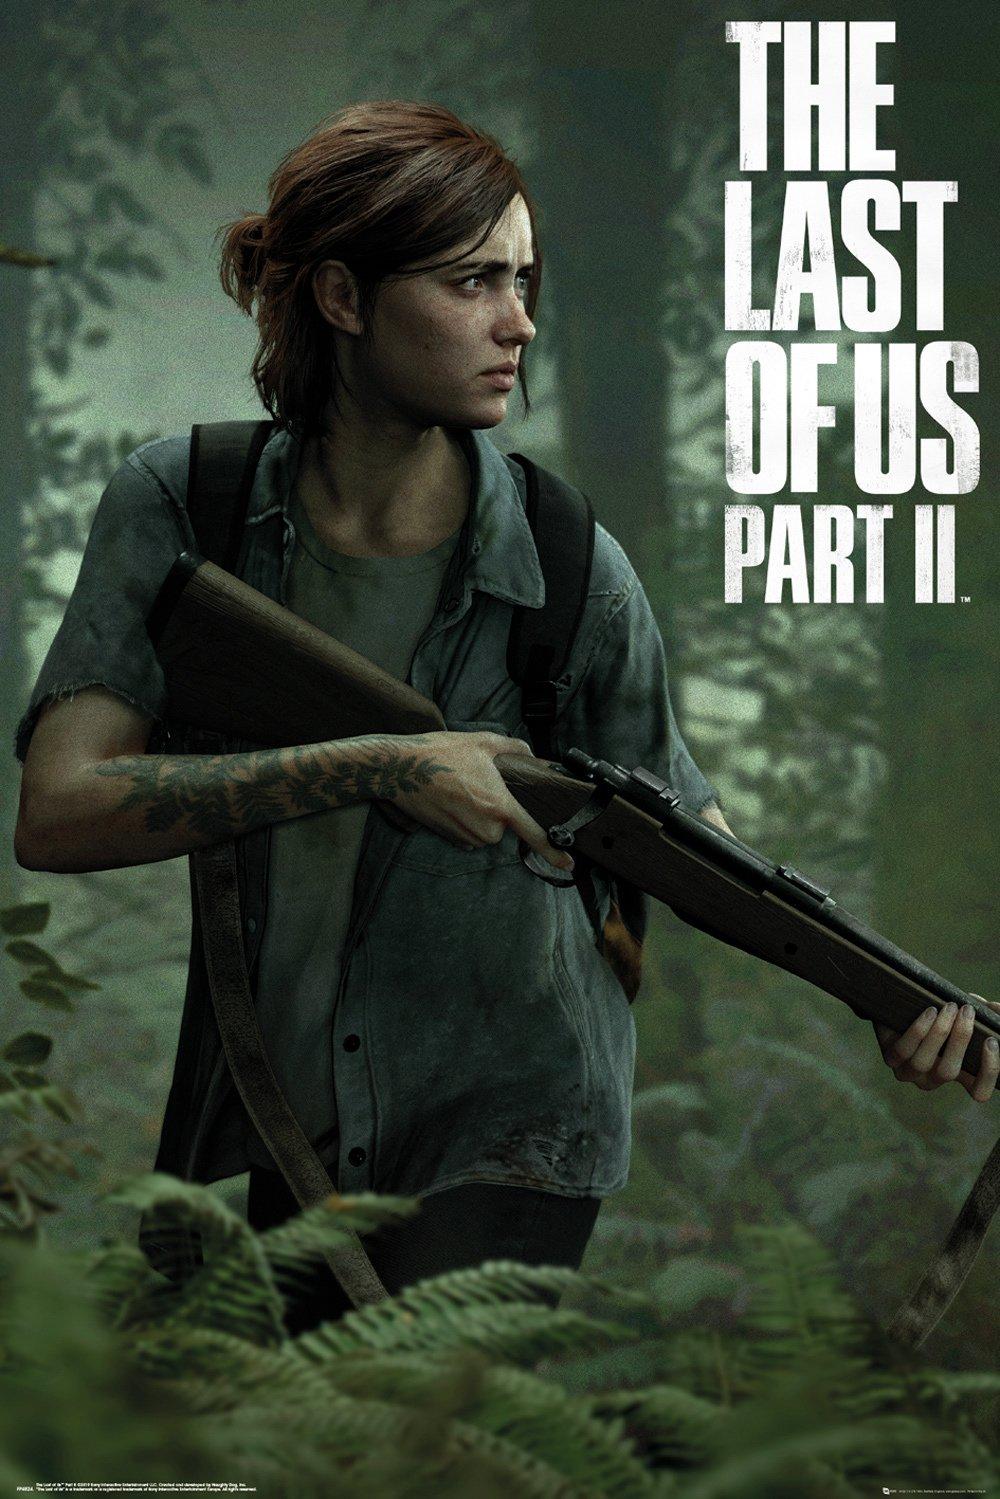 Merchandising Last Of Us 2 (The): Ellie (Poster Maxi 61x91,5 Cm) NUOVO SIGILLATO, EDIZIONE DEL 24/07/2019 SUBITO DISPONIBILE